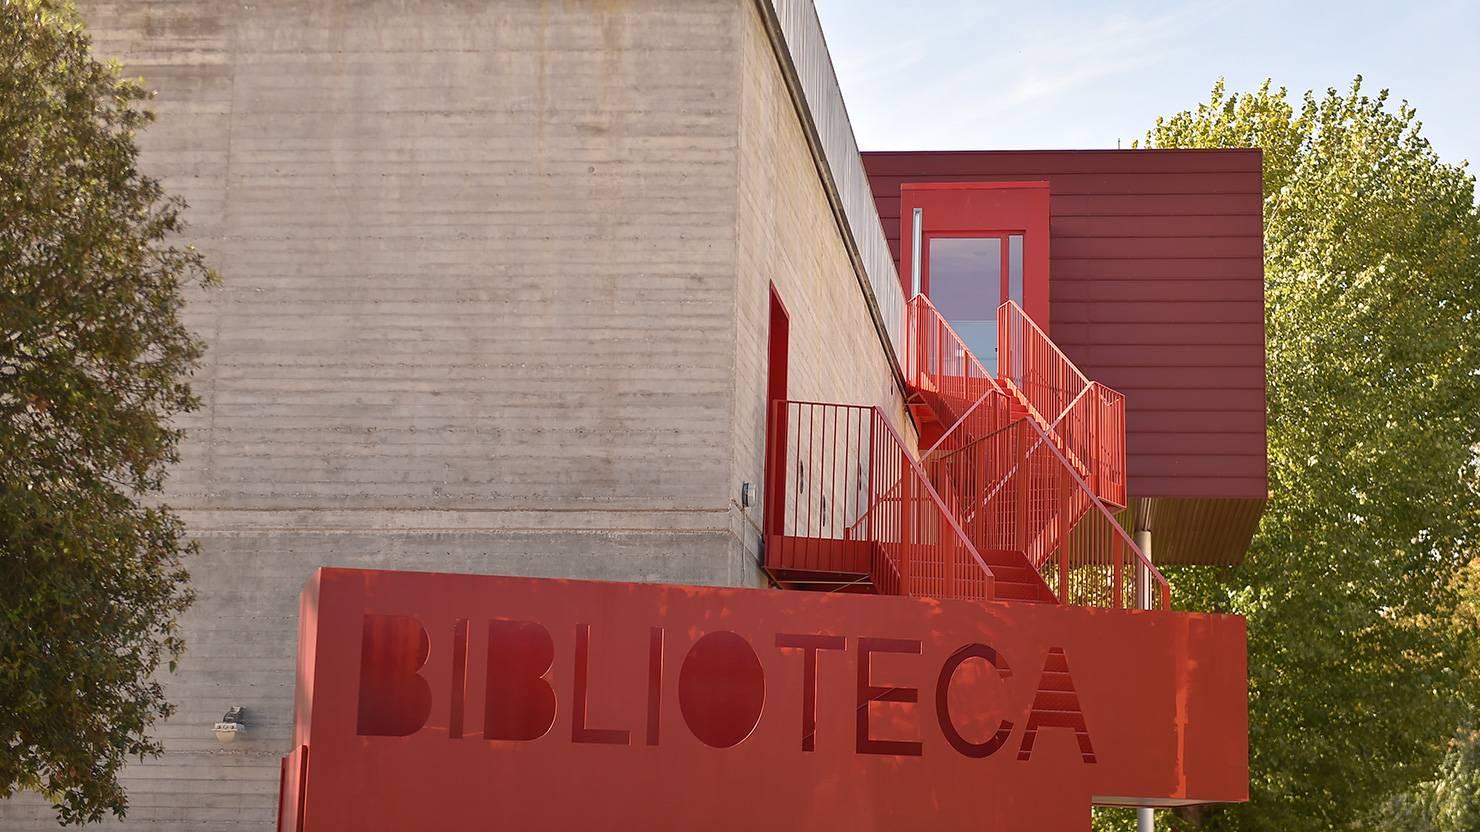 acciaio-zincato-facciata-mario-pasqualetti-e-fabio-daole-biblioteca-di-pisa-4_project_big